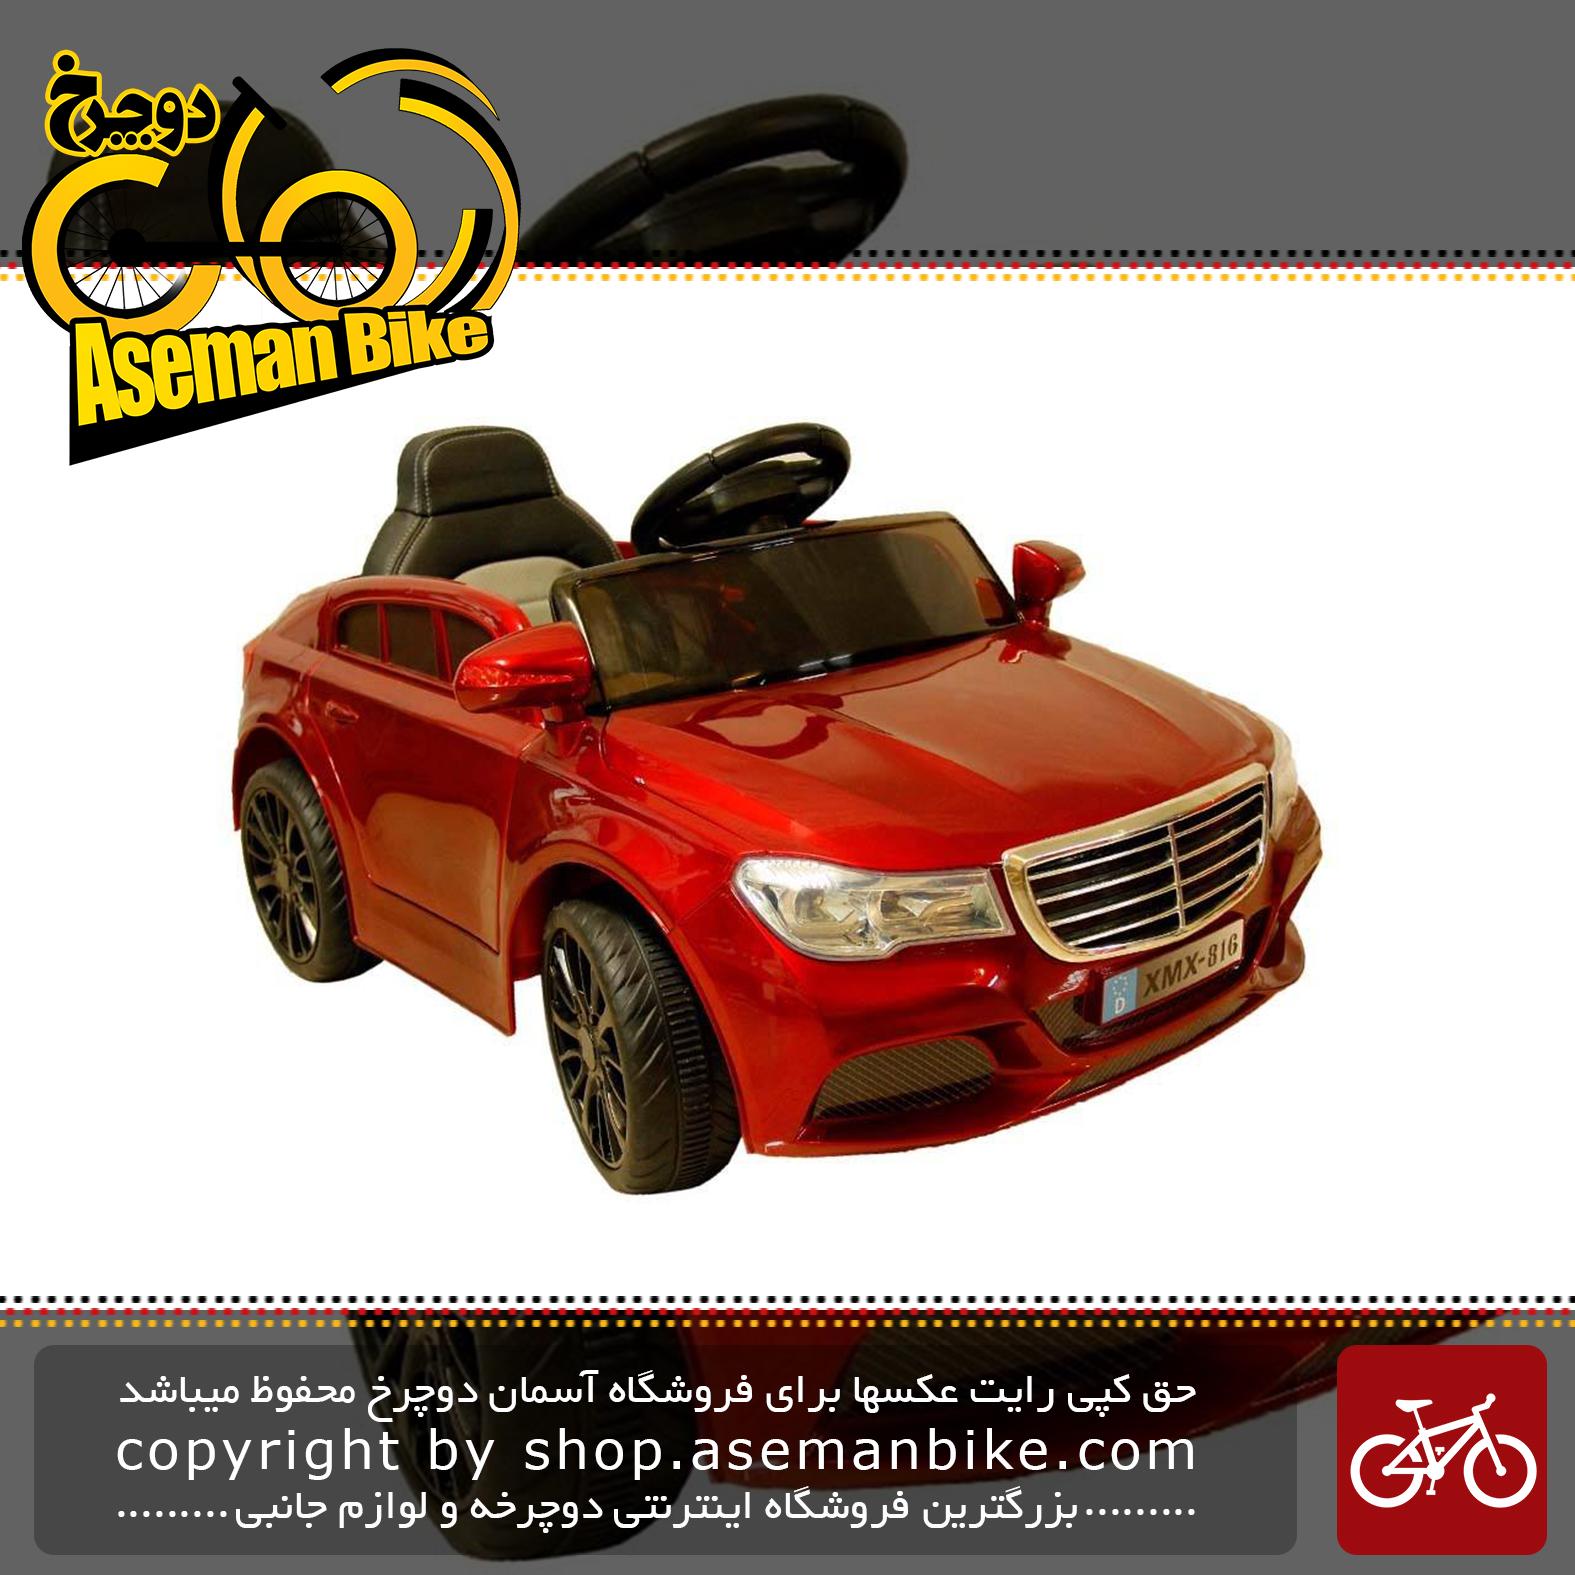 ماشین بازی سواری مدل XMX816 Ride On Toys Car